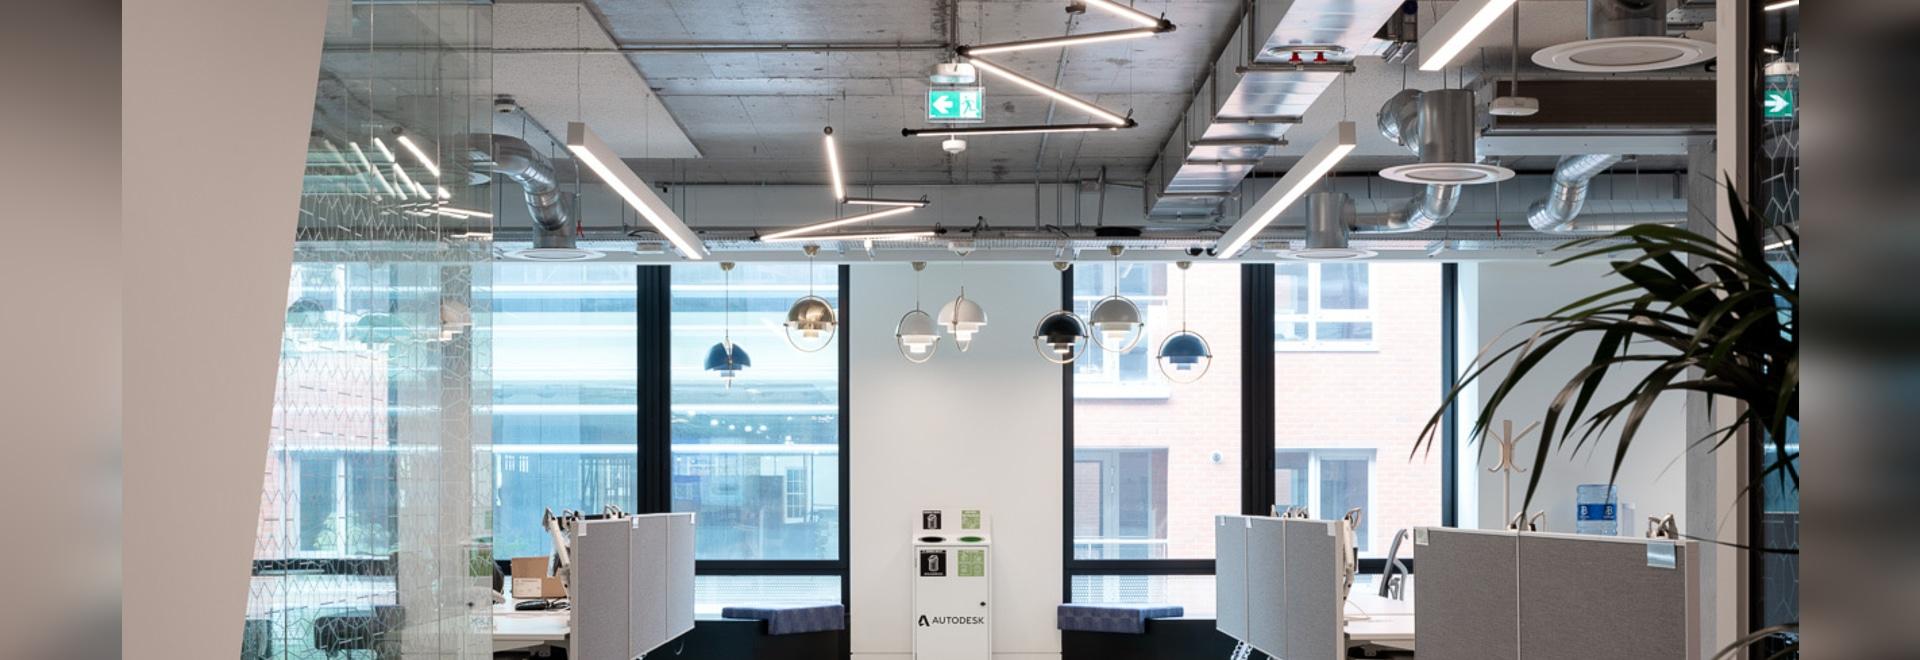 Uffici Autodesk